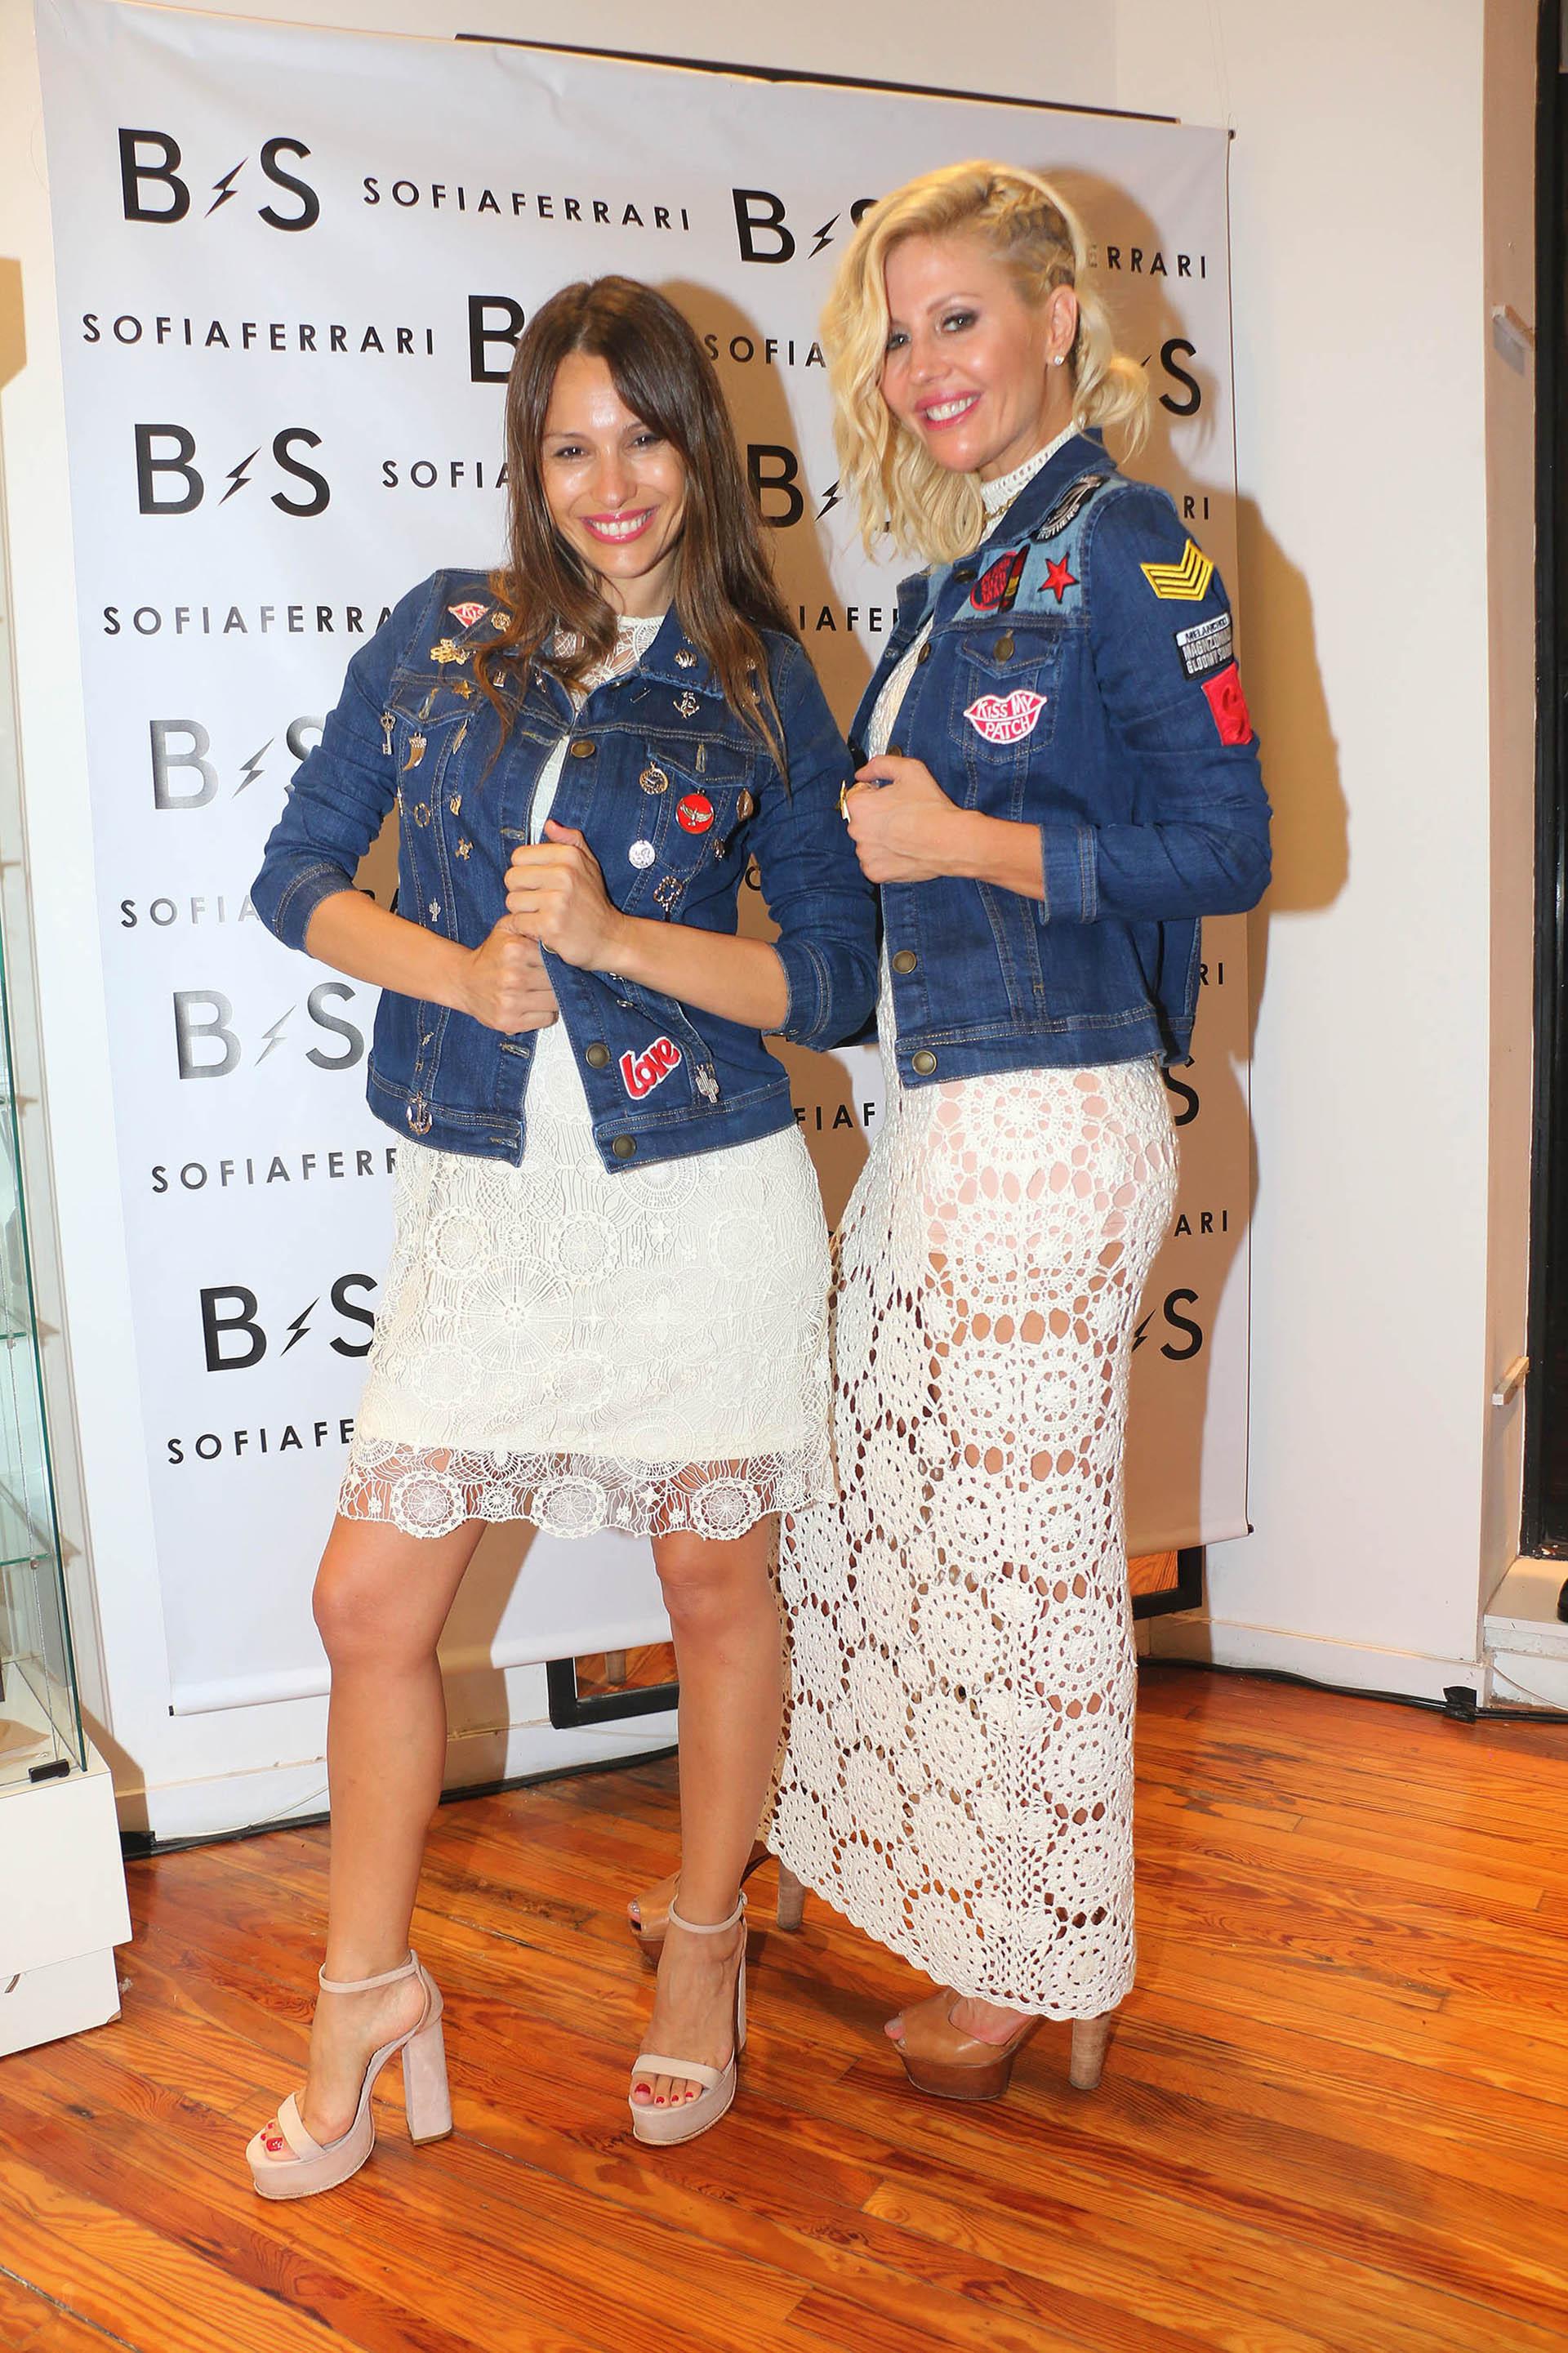 Barbie Simons lanzó su marca de camperas y carteras. Pampita acompañó a su amiga en este nuevo emprendimiento empresarial (Vero Guerman)